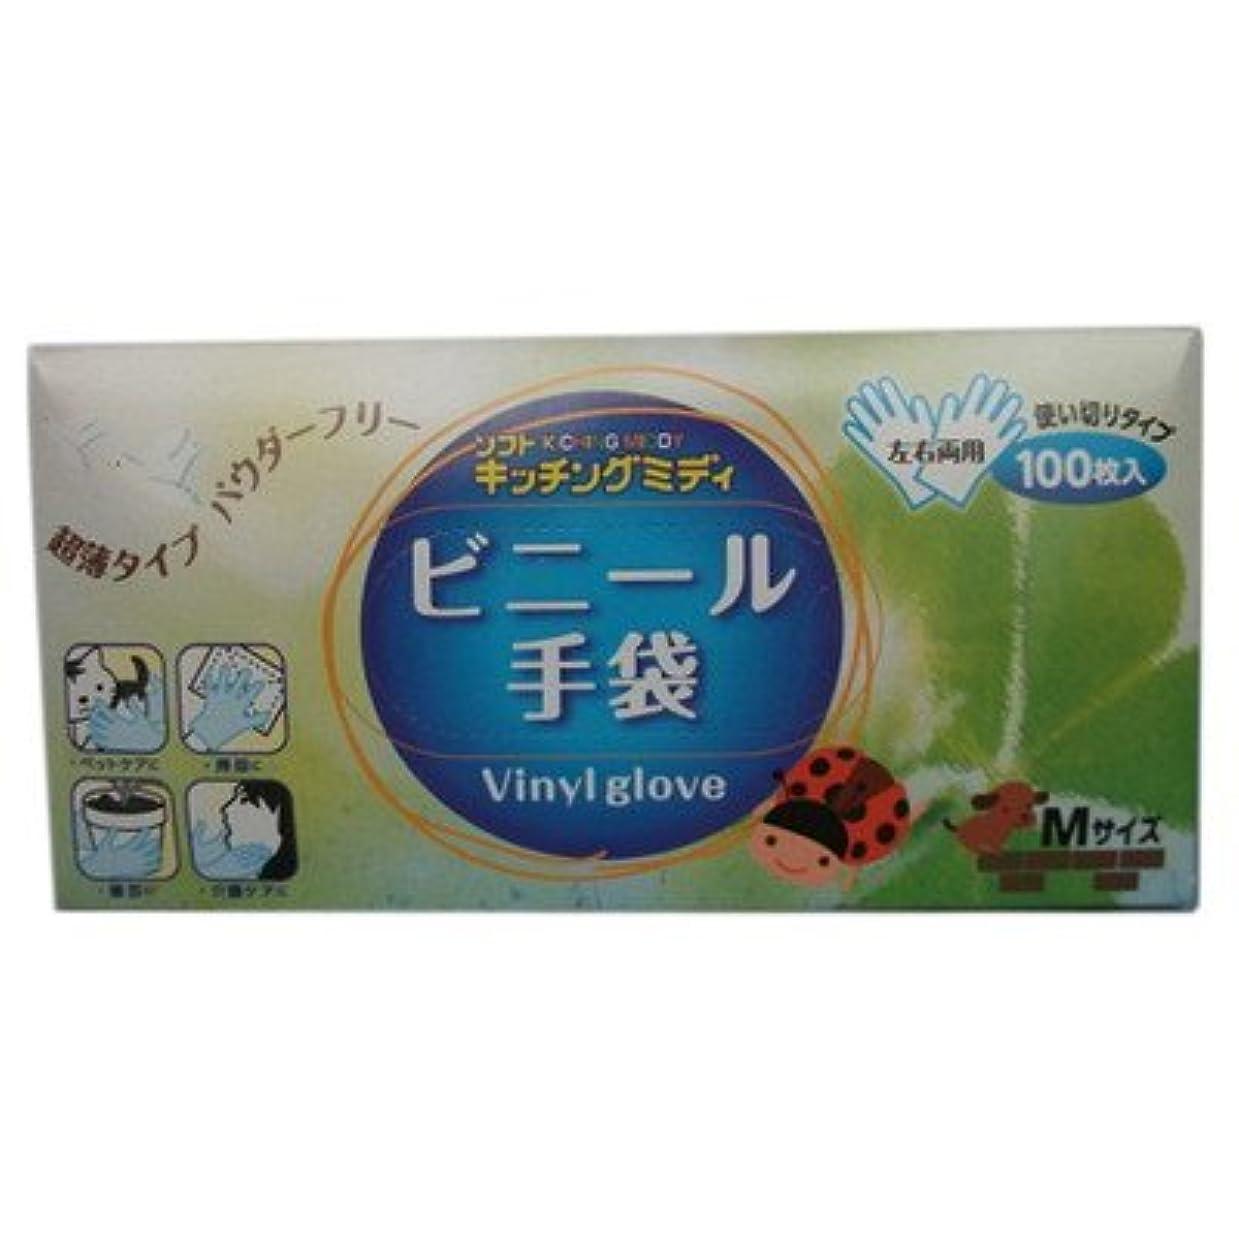 イベント探検りんご奥田薬品 ソフトキッチングミディ ビニール手袋 M 100枚入